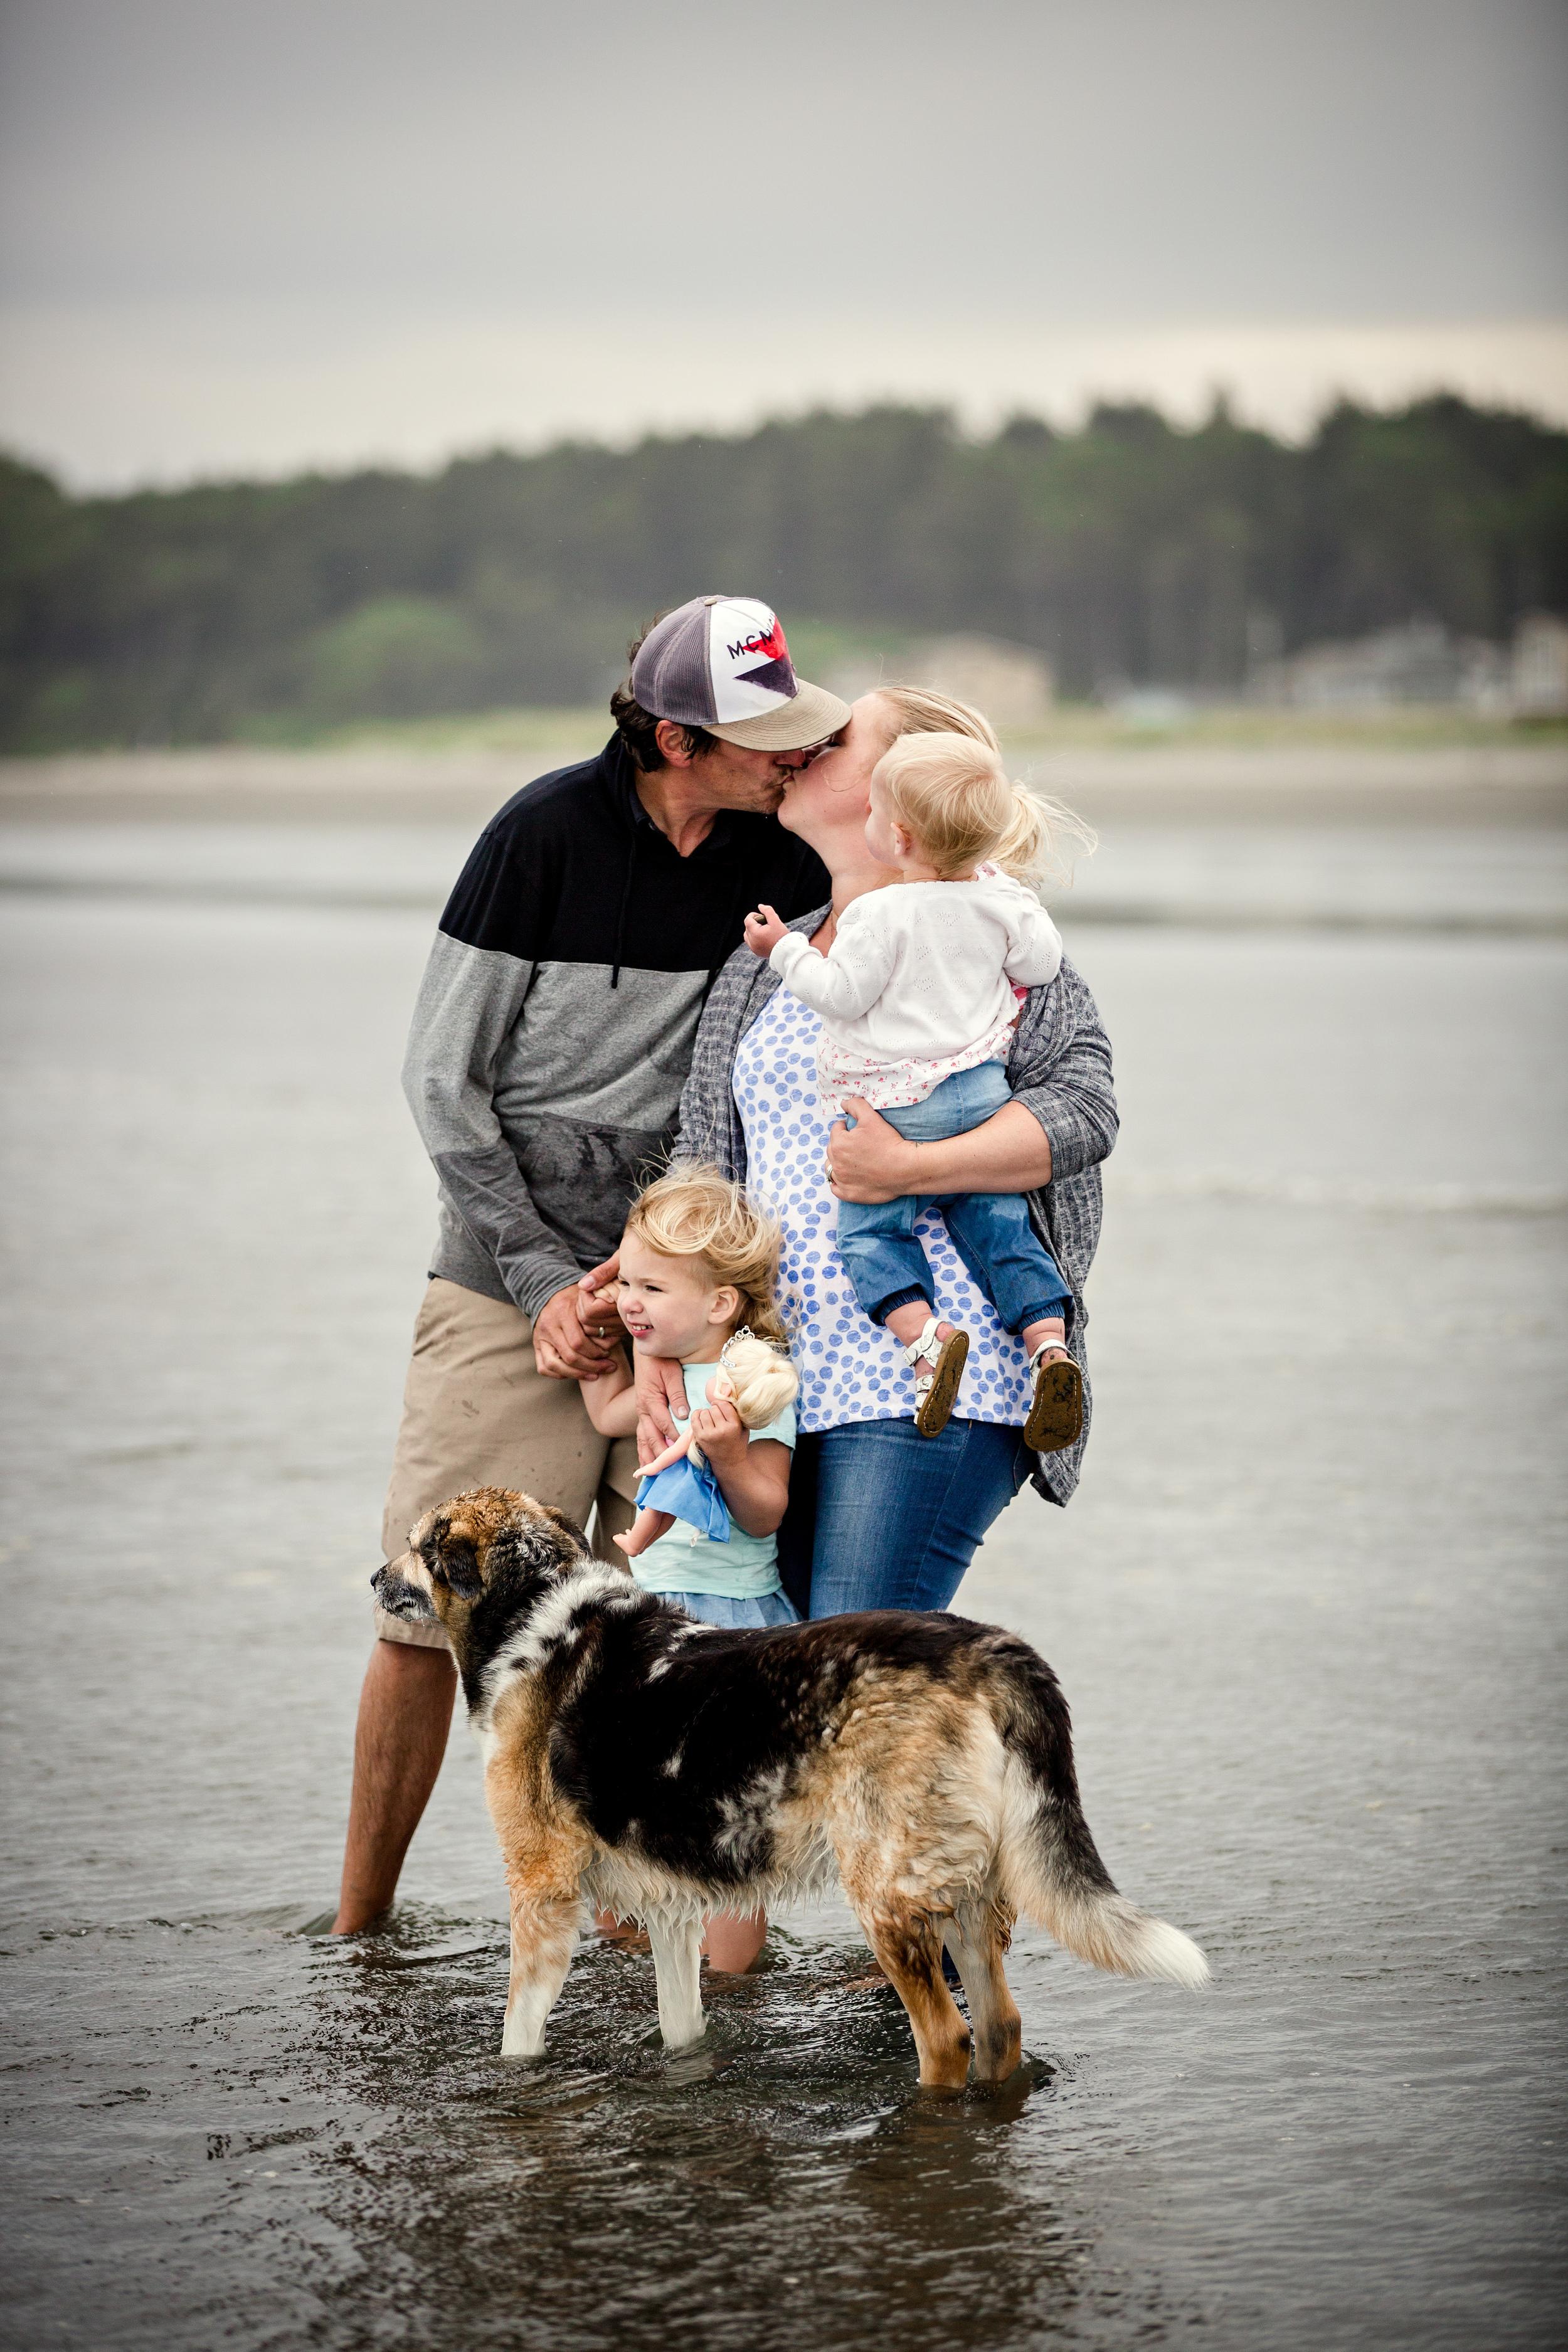 mcwhirterfamily2016-06 (85 of 137).jpg